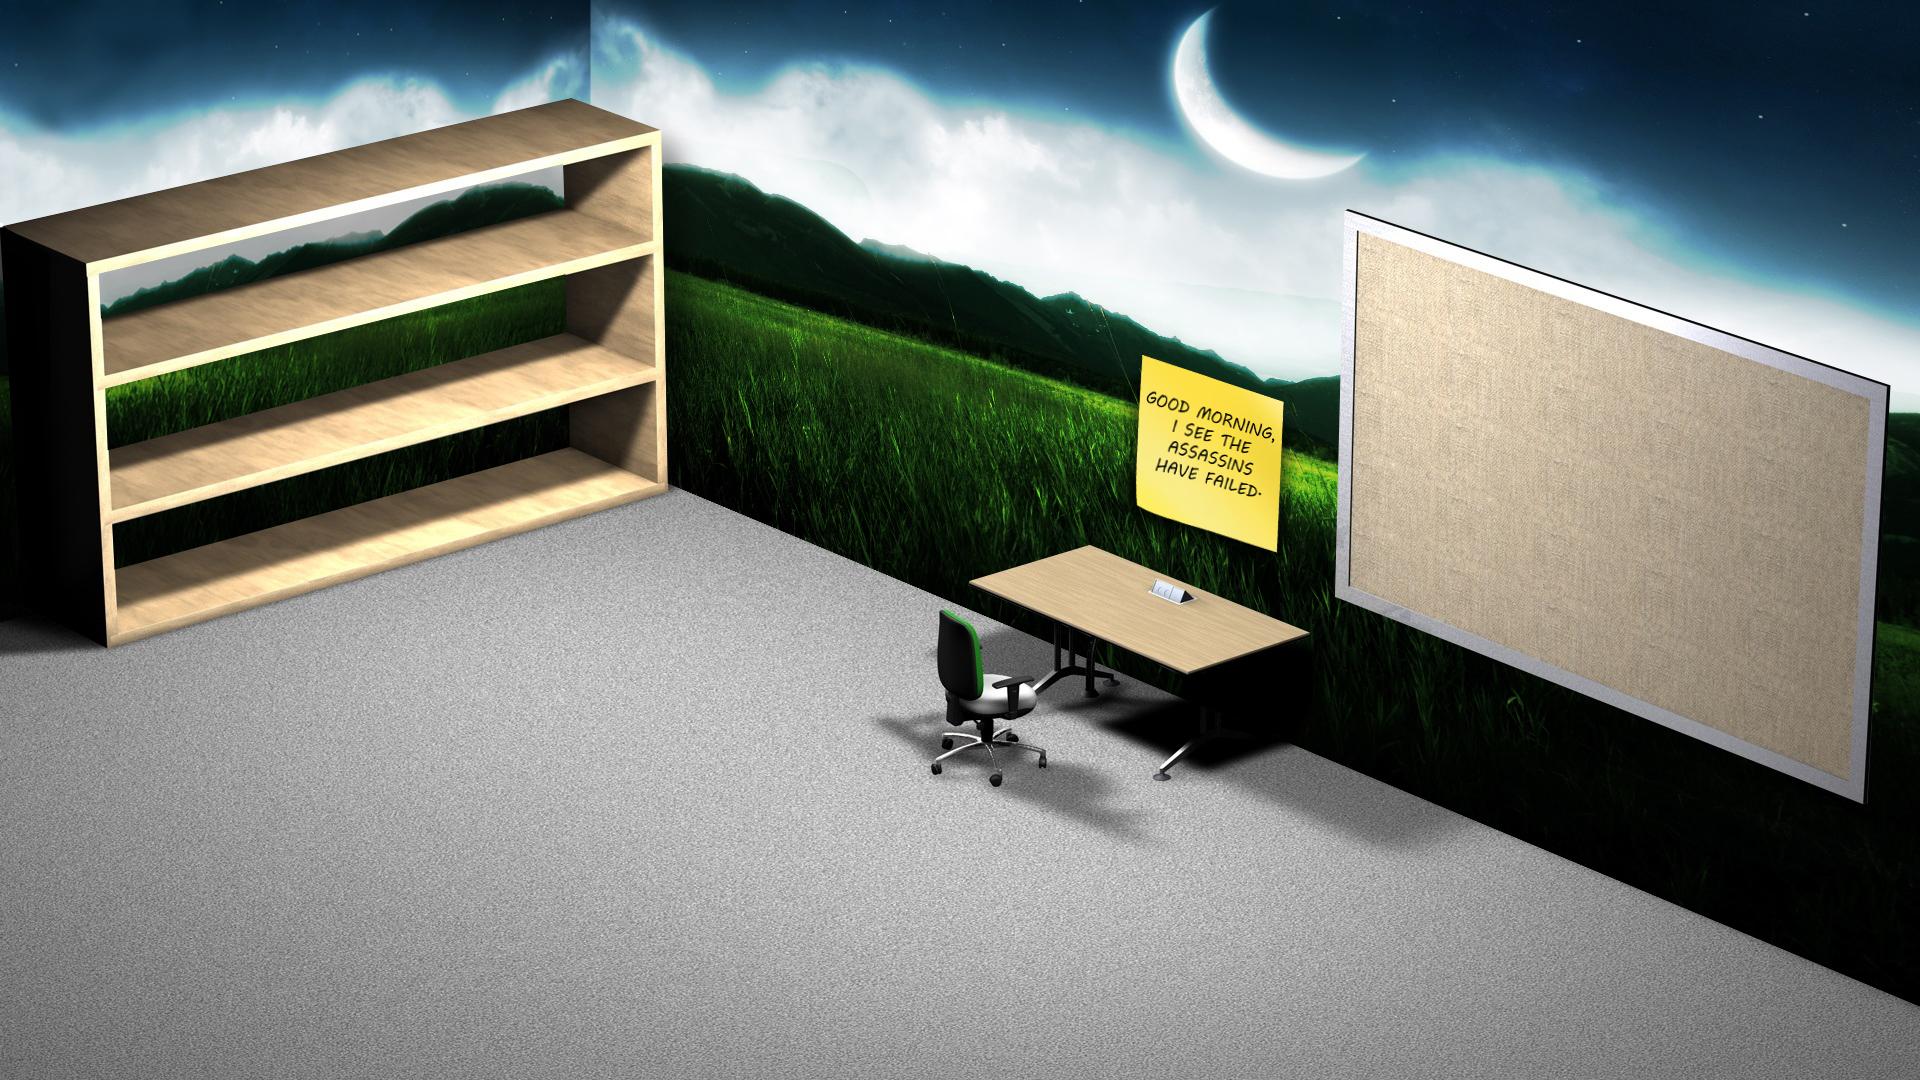 оказаться картинка для рабочего стола с полкой и компьютером гарнир тоже может